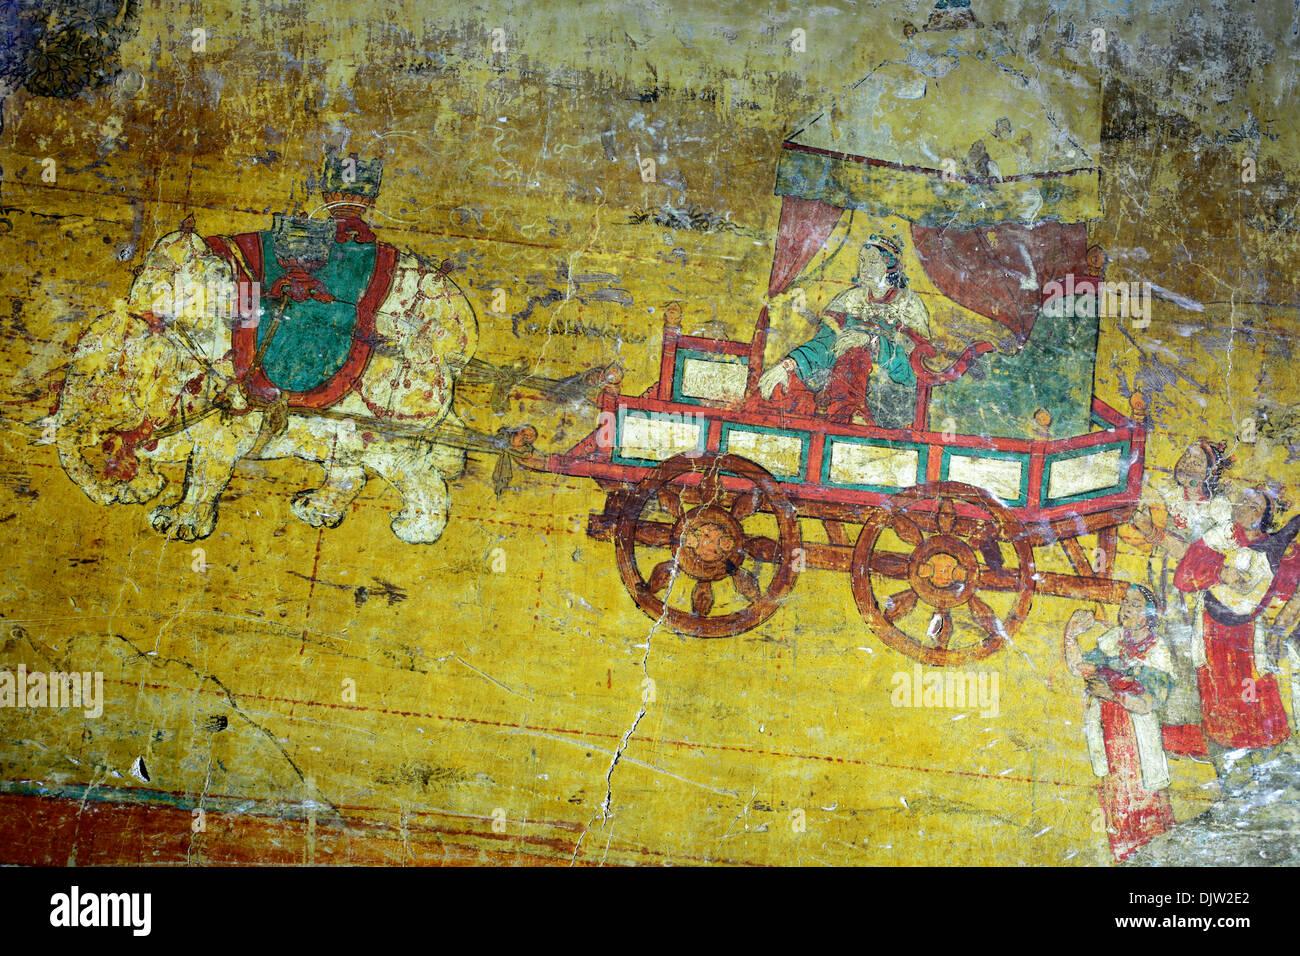 Art Tibetan Stock Photos & Art Tibetan Stock Images - Alamy